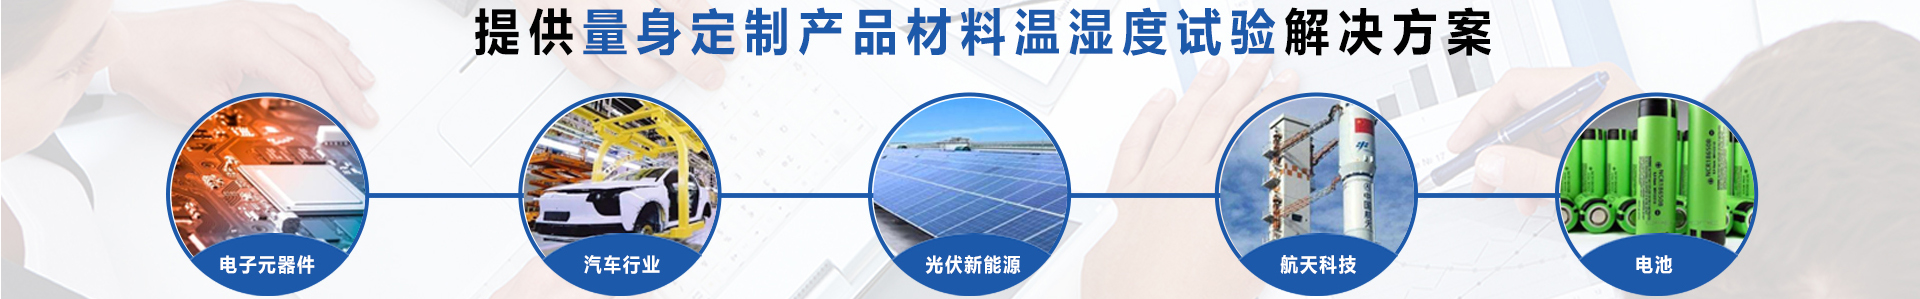 上海助蓝仪器科技有限公司